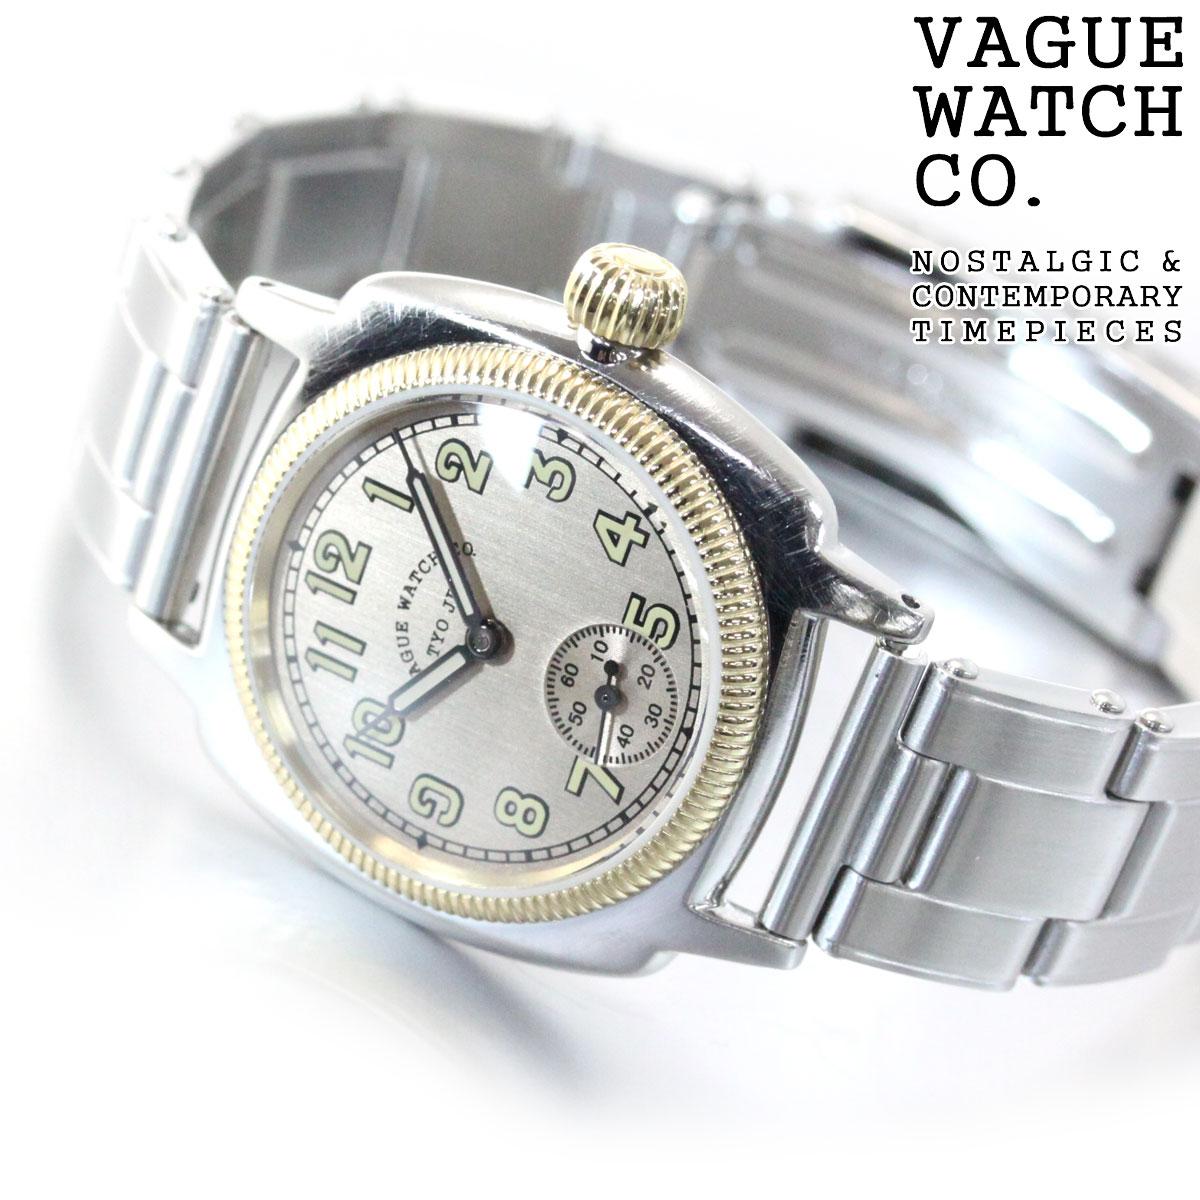 【お買い物マラソンは当店がお得♪本日20より!】ヴァーグウォッチ VAGUE WATCH Co. 腕時計 COUSSIN EARLY STAINLESS BELT メンズ クッサン エクステンションベルト CO-L-008-SB